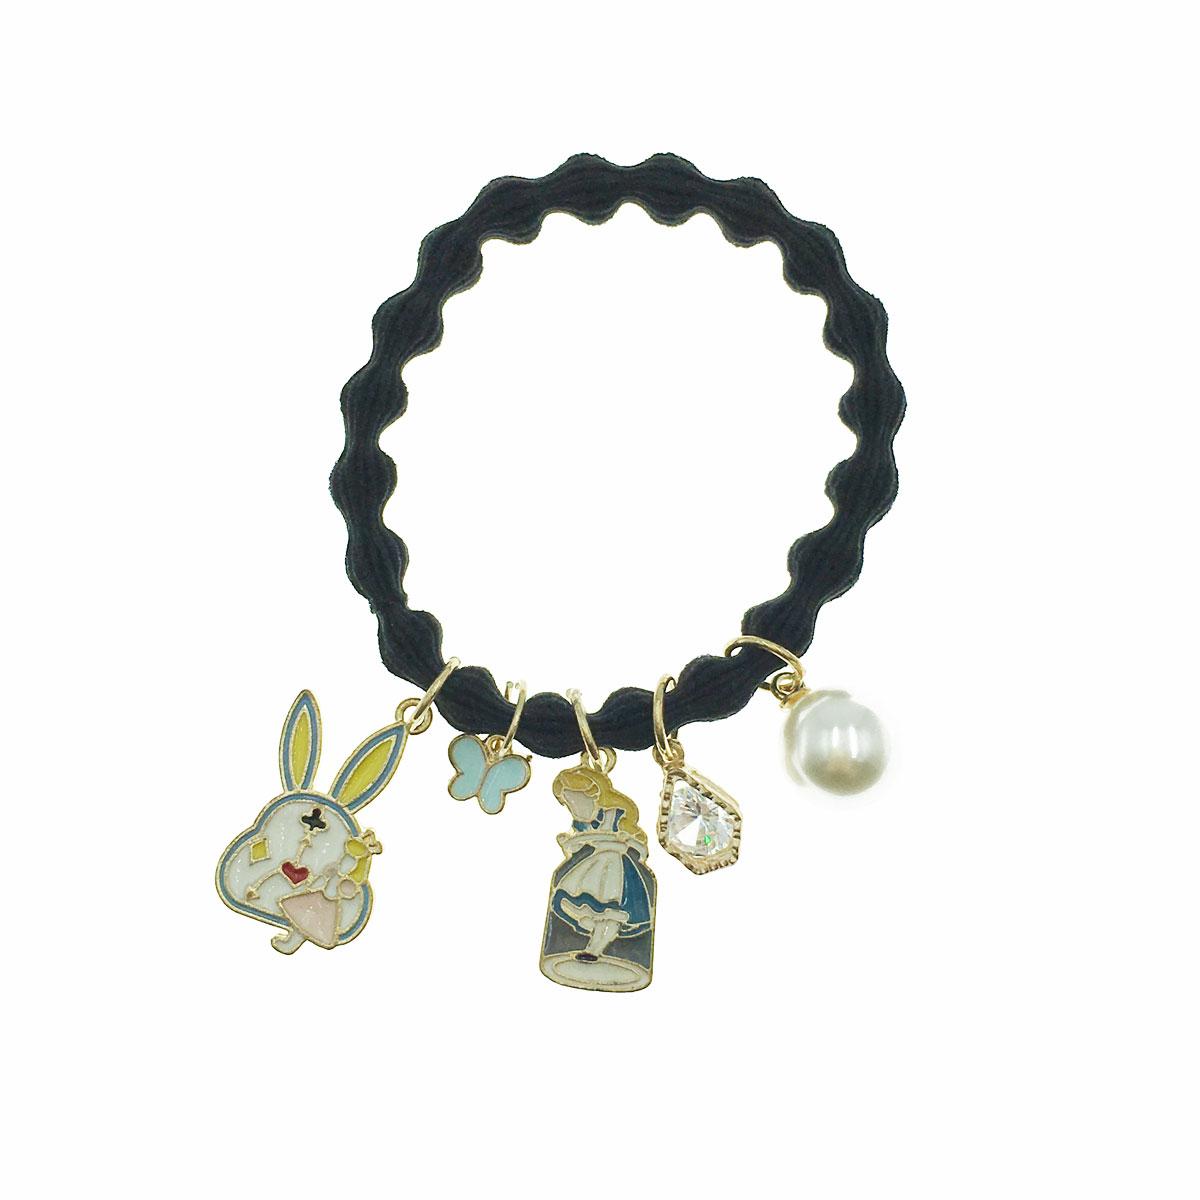 韓國 愛麗絲 珍珠 水鑽 兔子 時鐘 蝴蝶 髮束 髮圈 髮飾